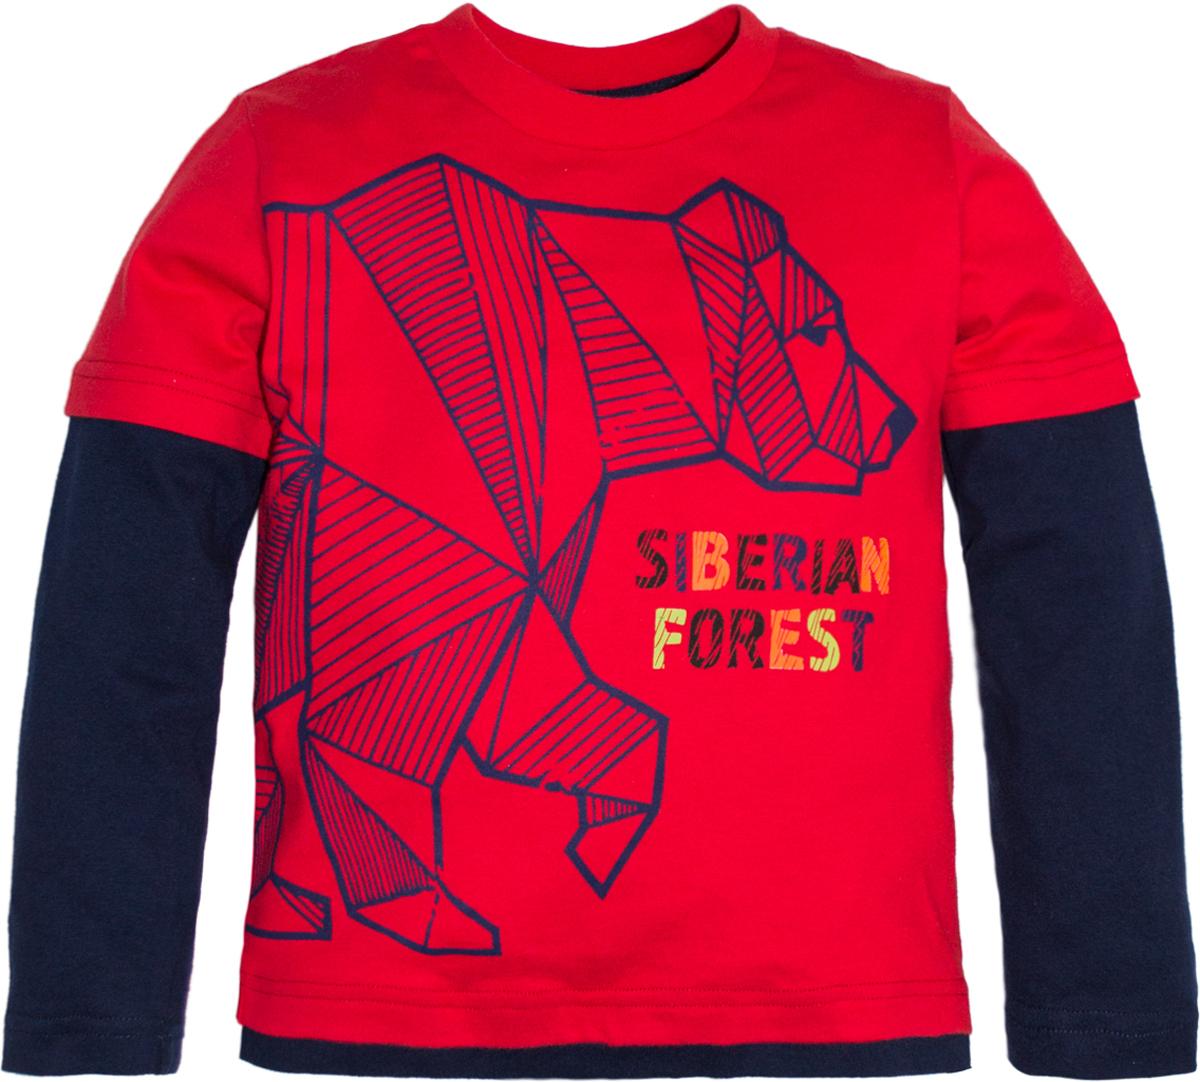 Футболка с длинным рукавом для мальчика Let's Go, цвет: красный. 6220. Размер 98 футболка с длинным рукавом для мальчика let s go цвет красный 6220 размер 98